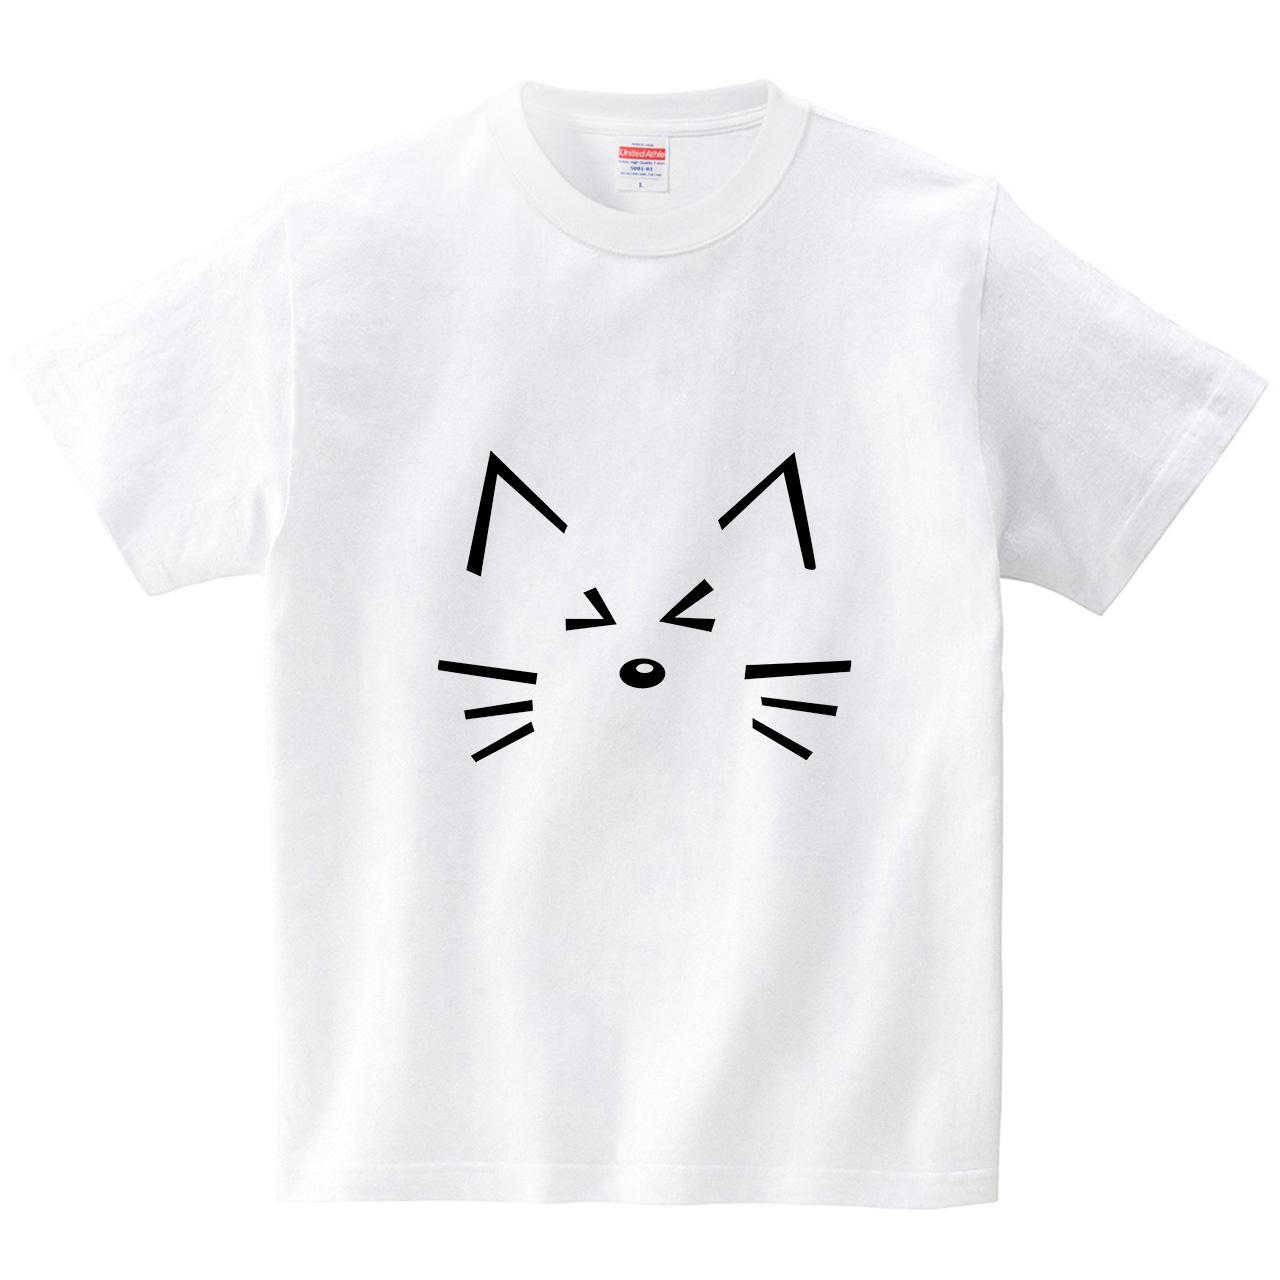 猫顔どアップ その4(Tシャツ・ホワイト)(筆文字屋 みやT)